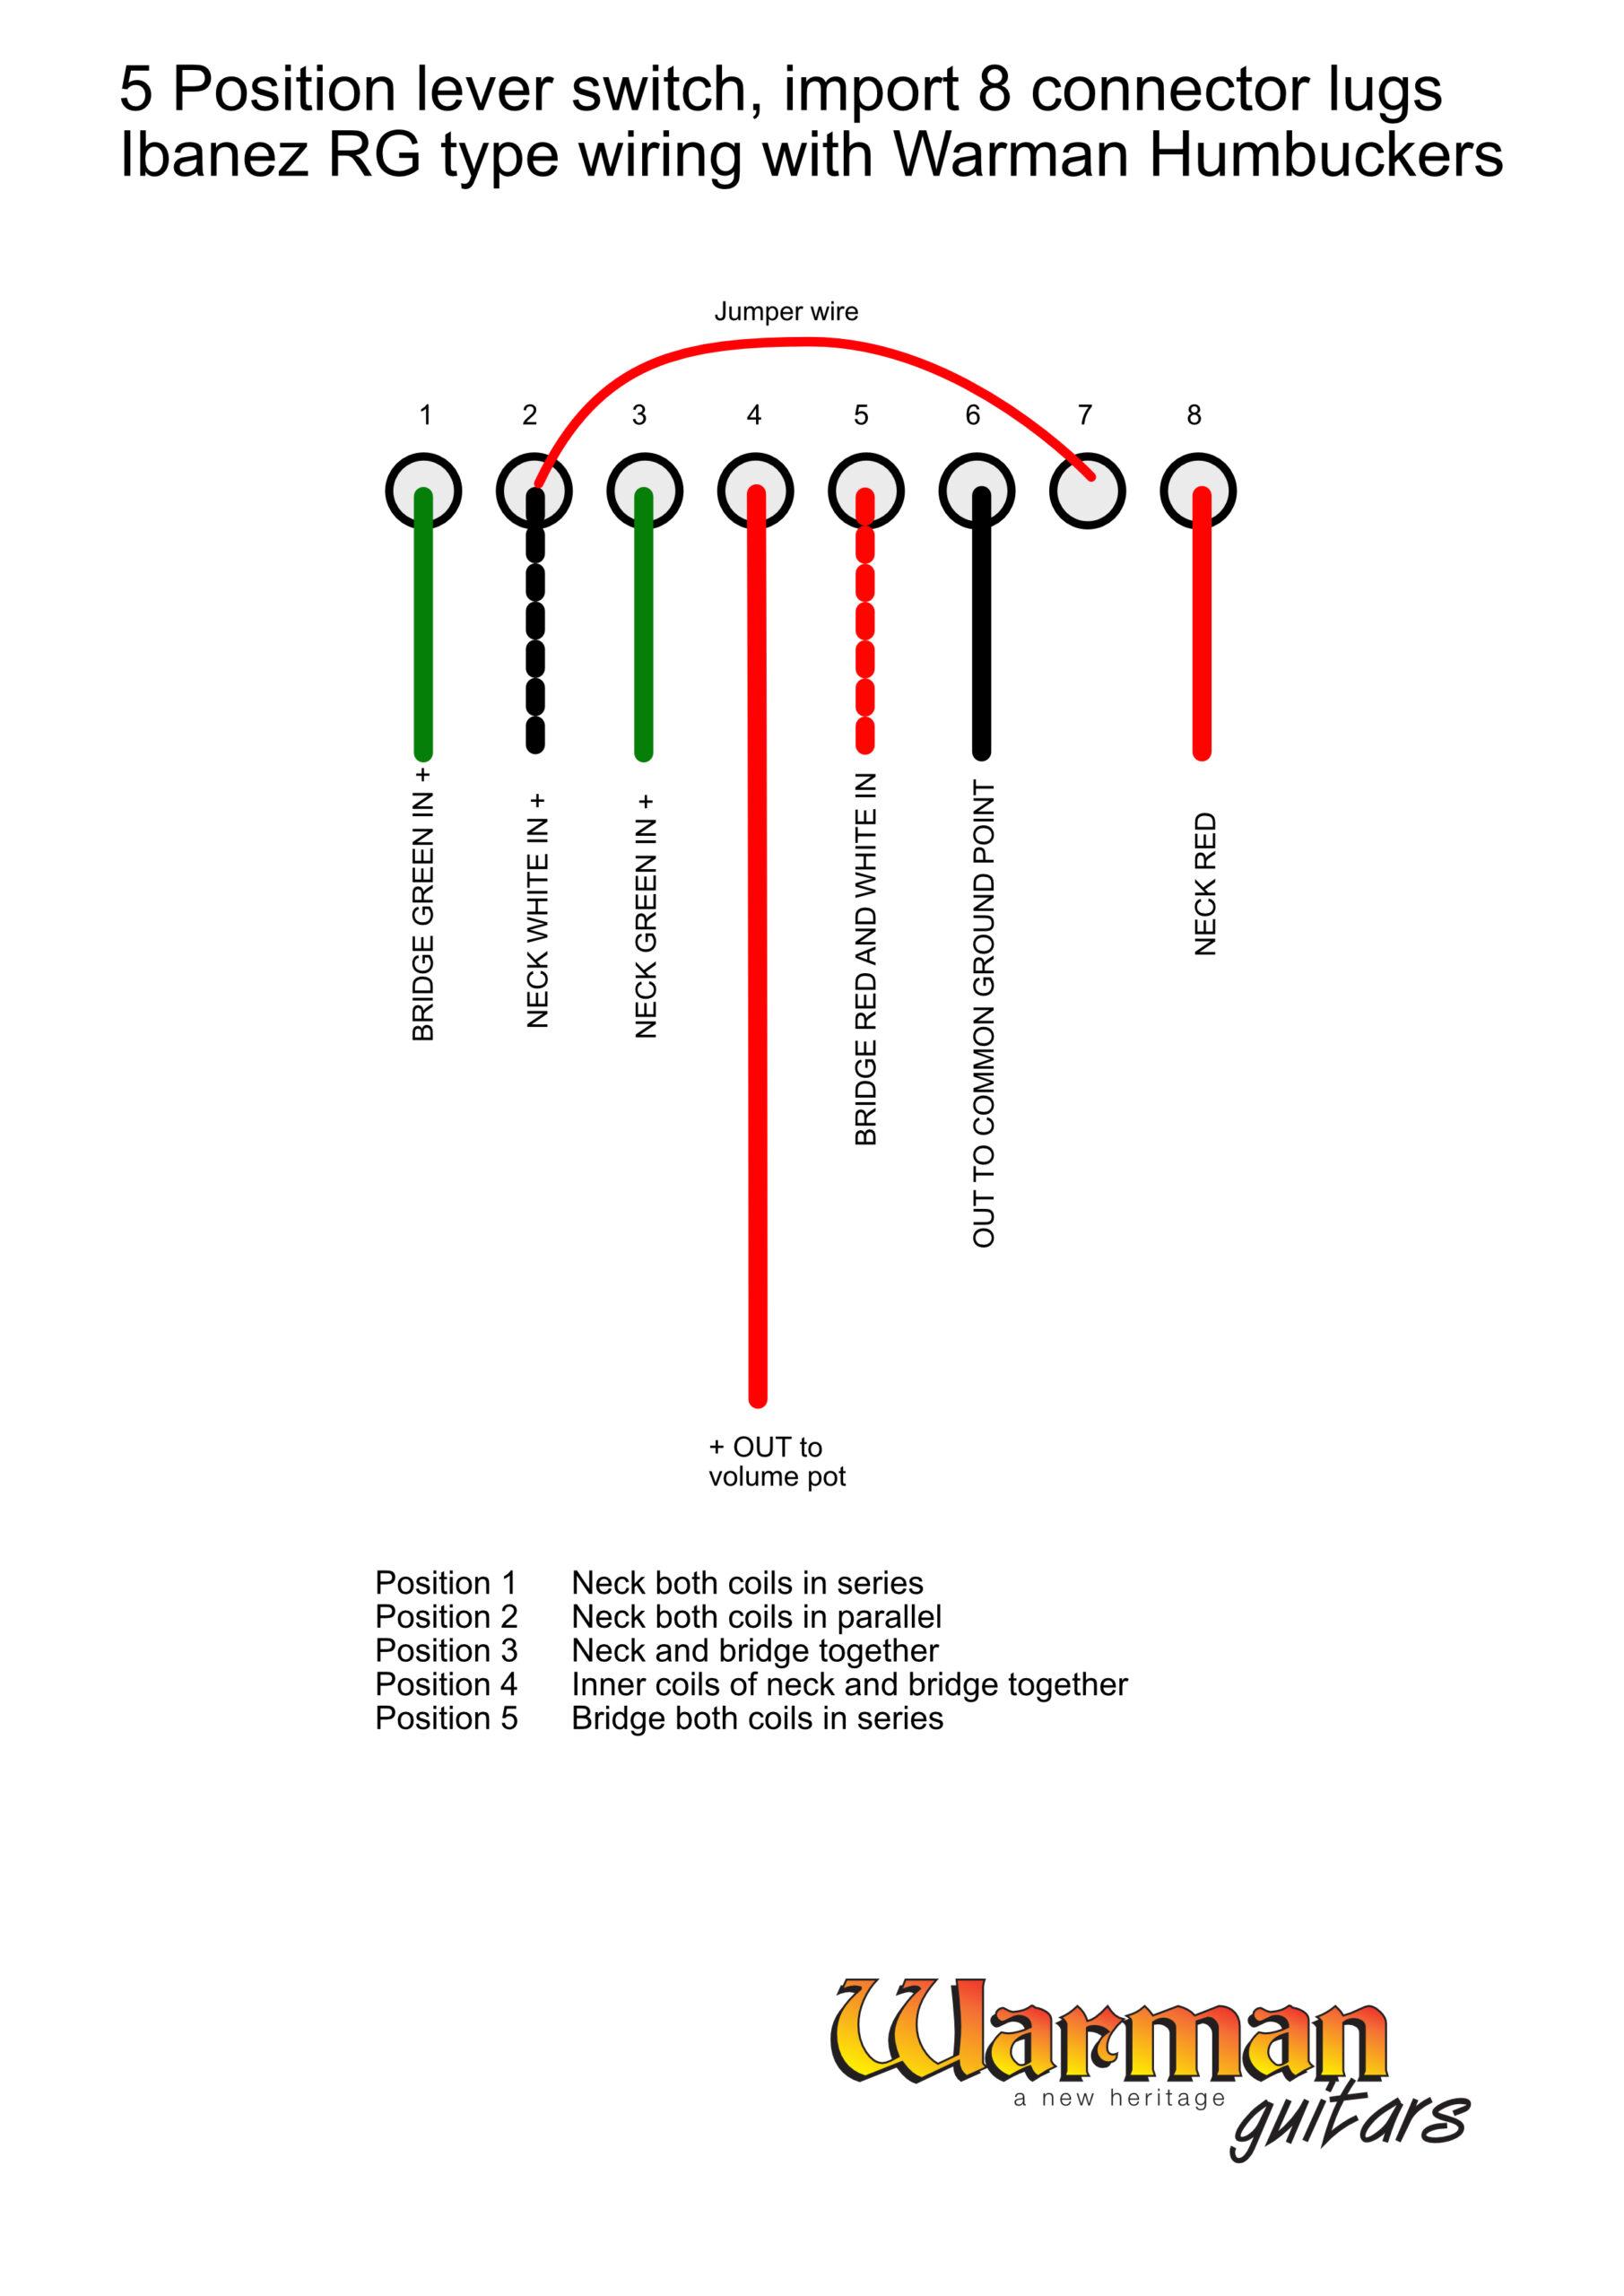 Ibanez Wiring Diagram 3 Way Switch from www.warmanguitars.co.uk